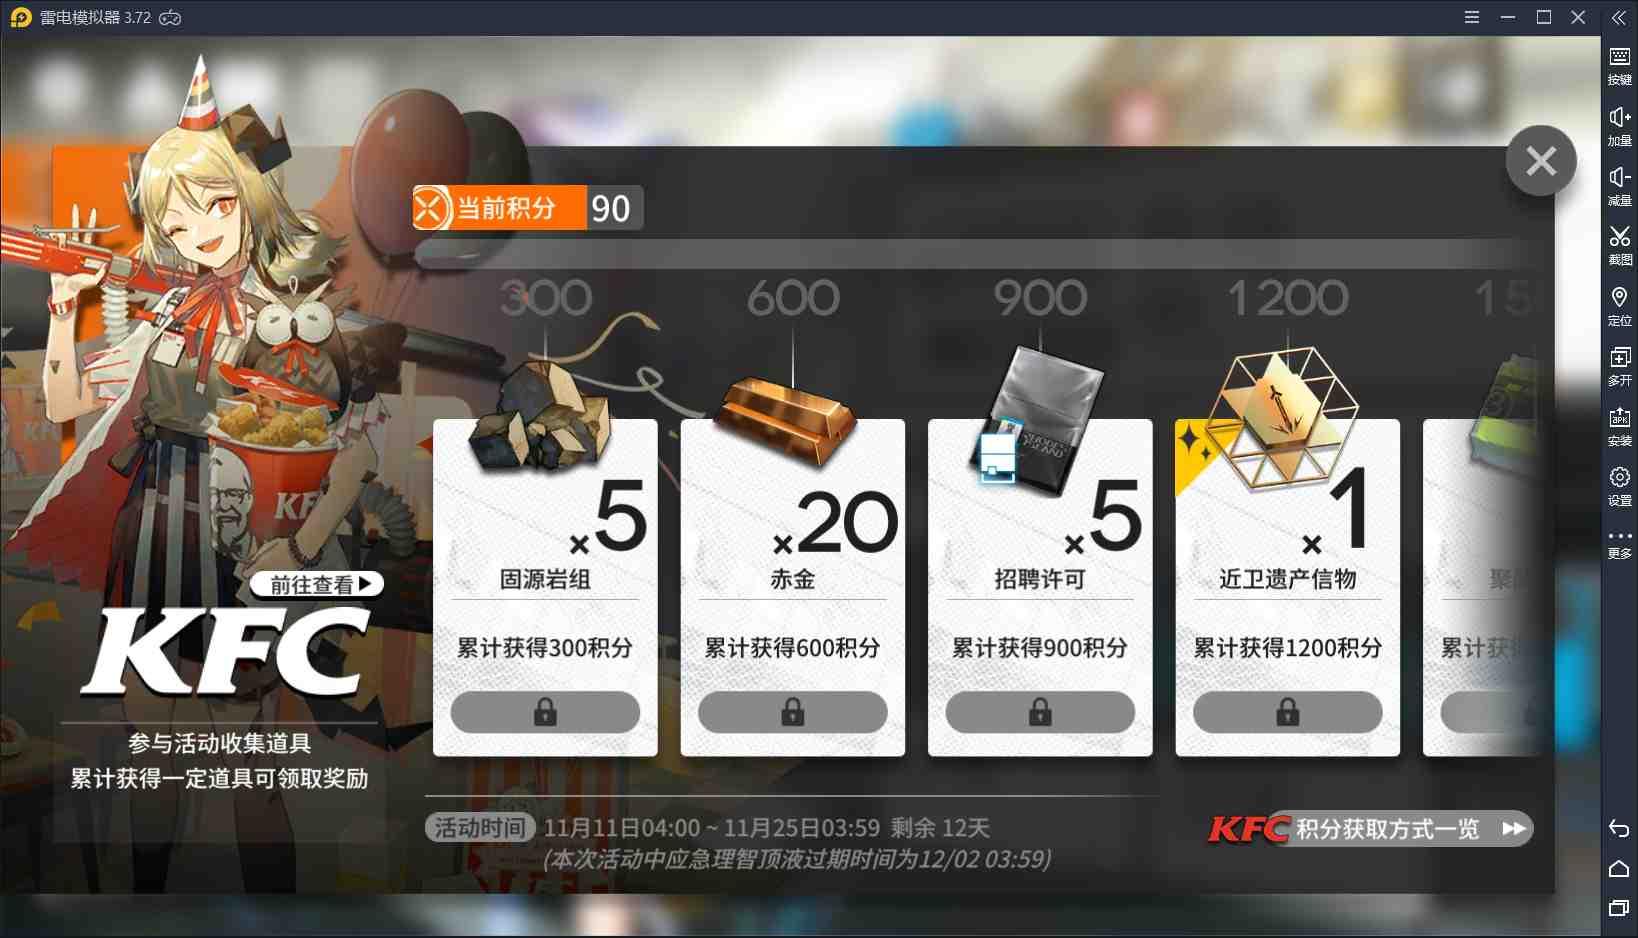 【明日方舟】KFC积分收集活动咸鱼玩家攻略